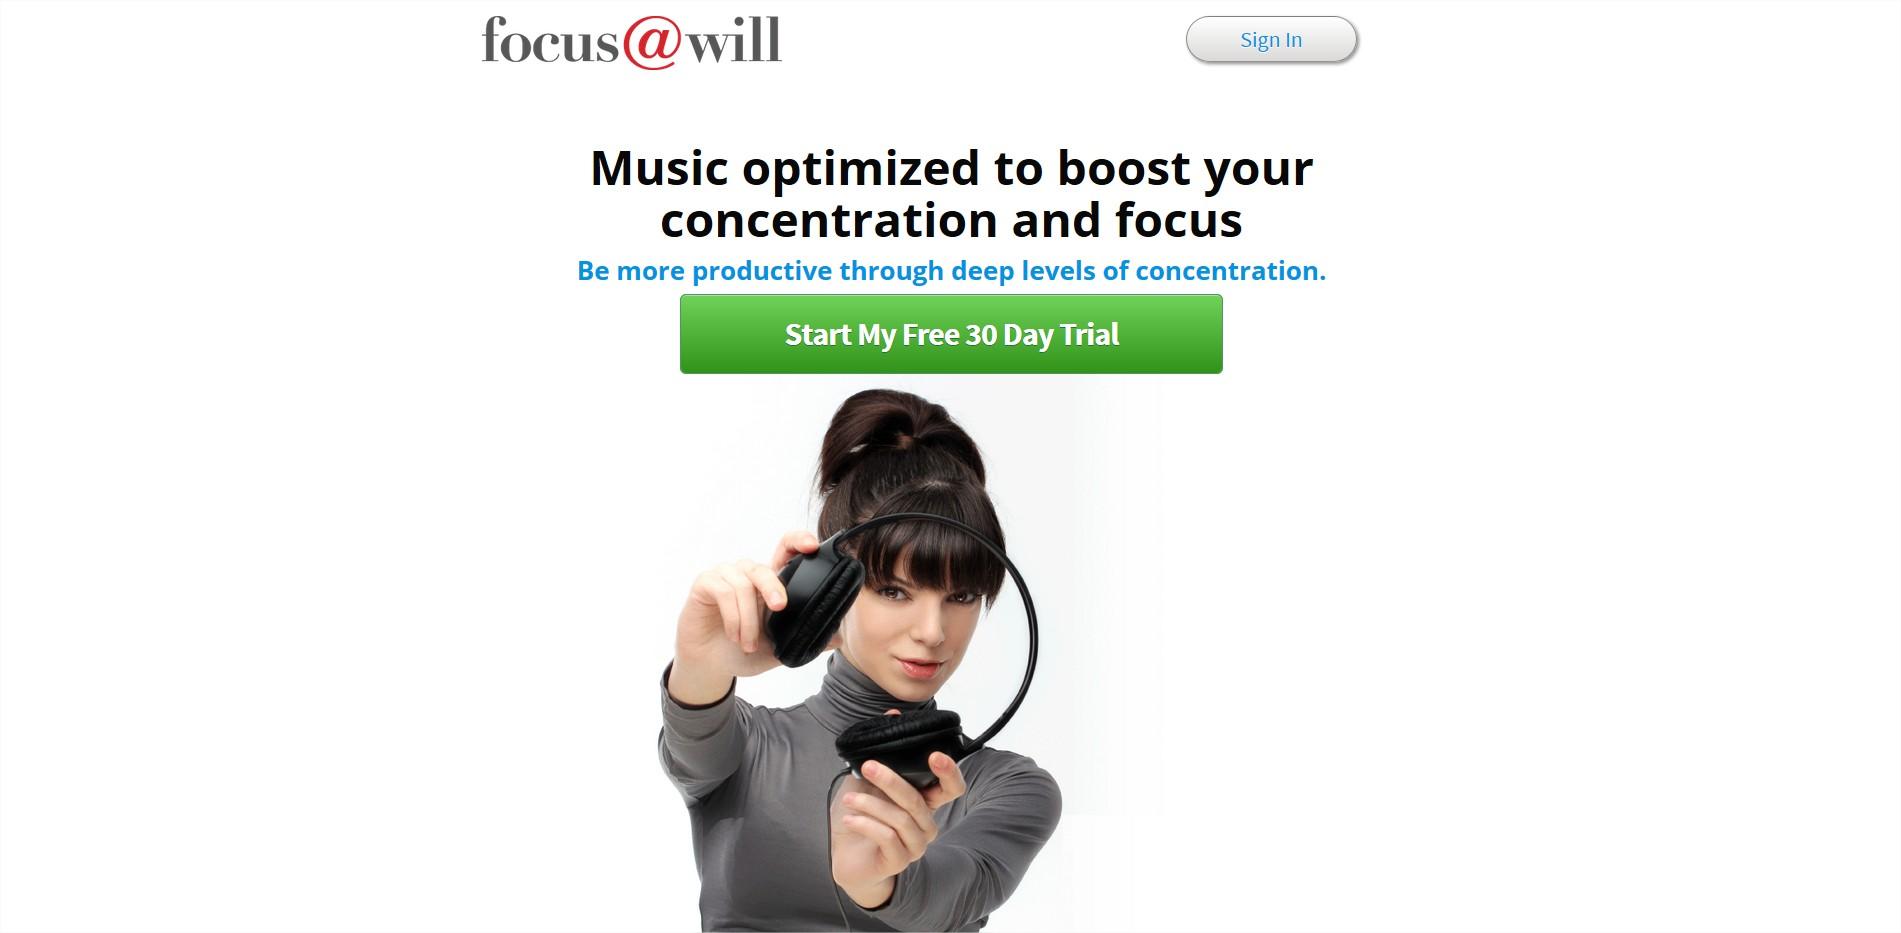 Online Music Service